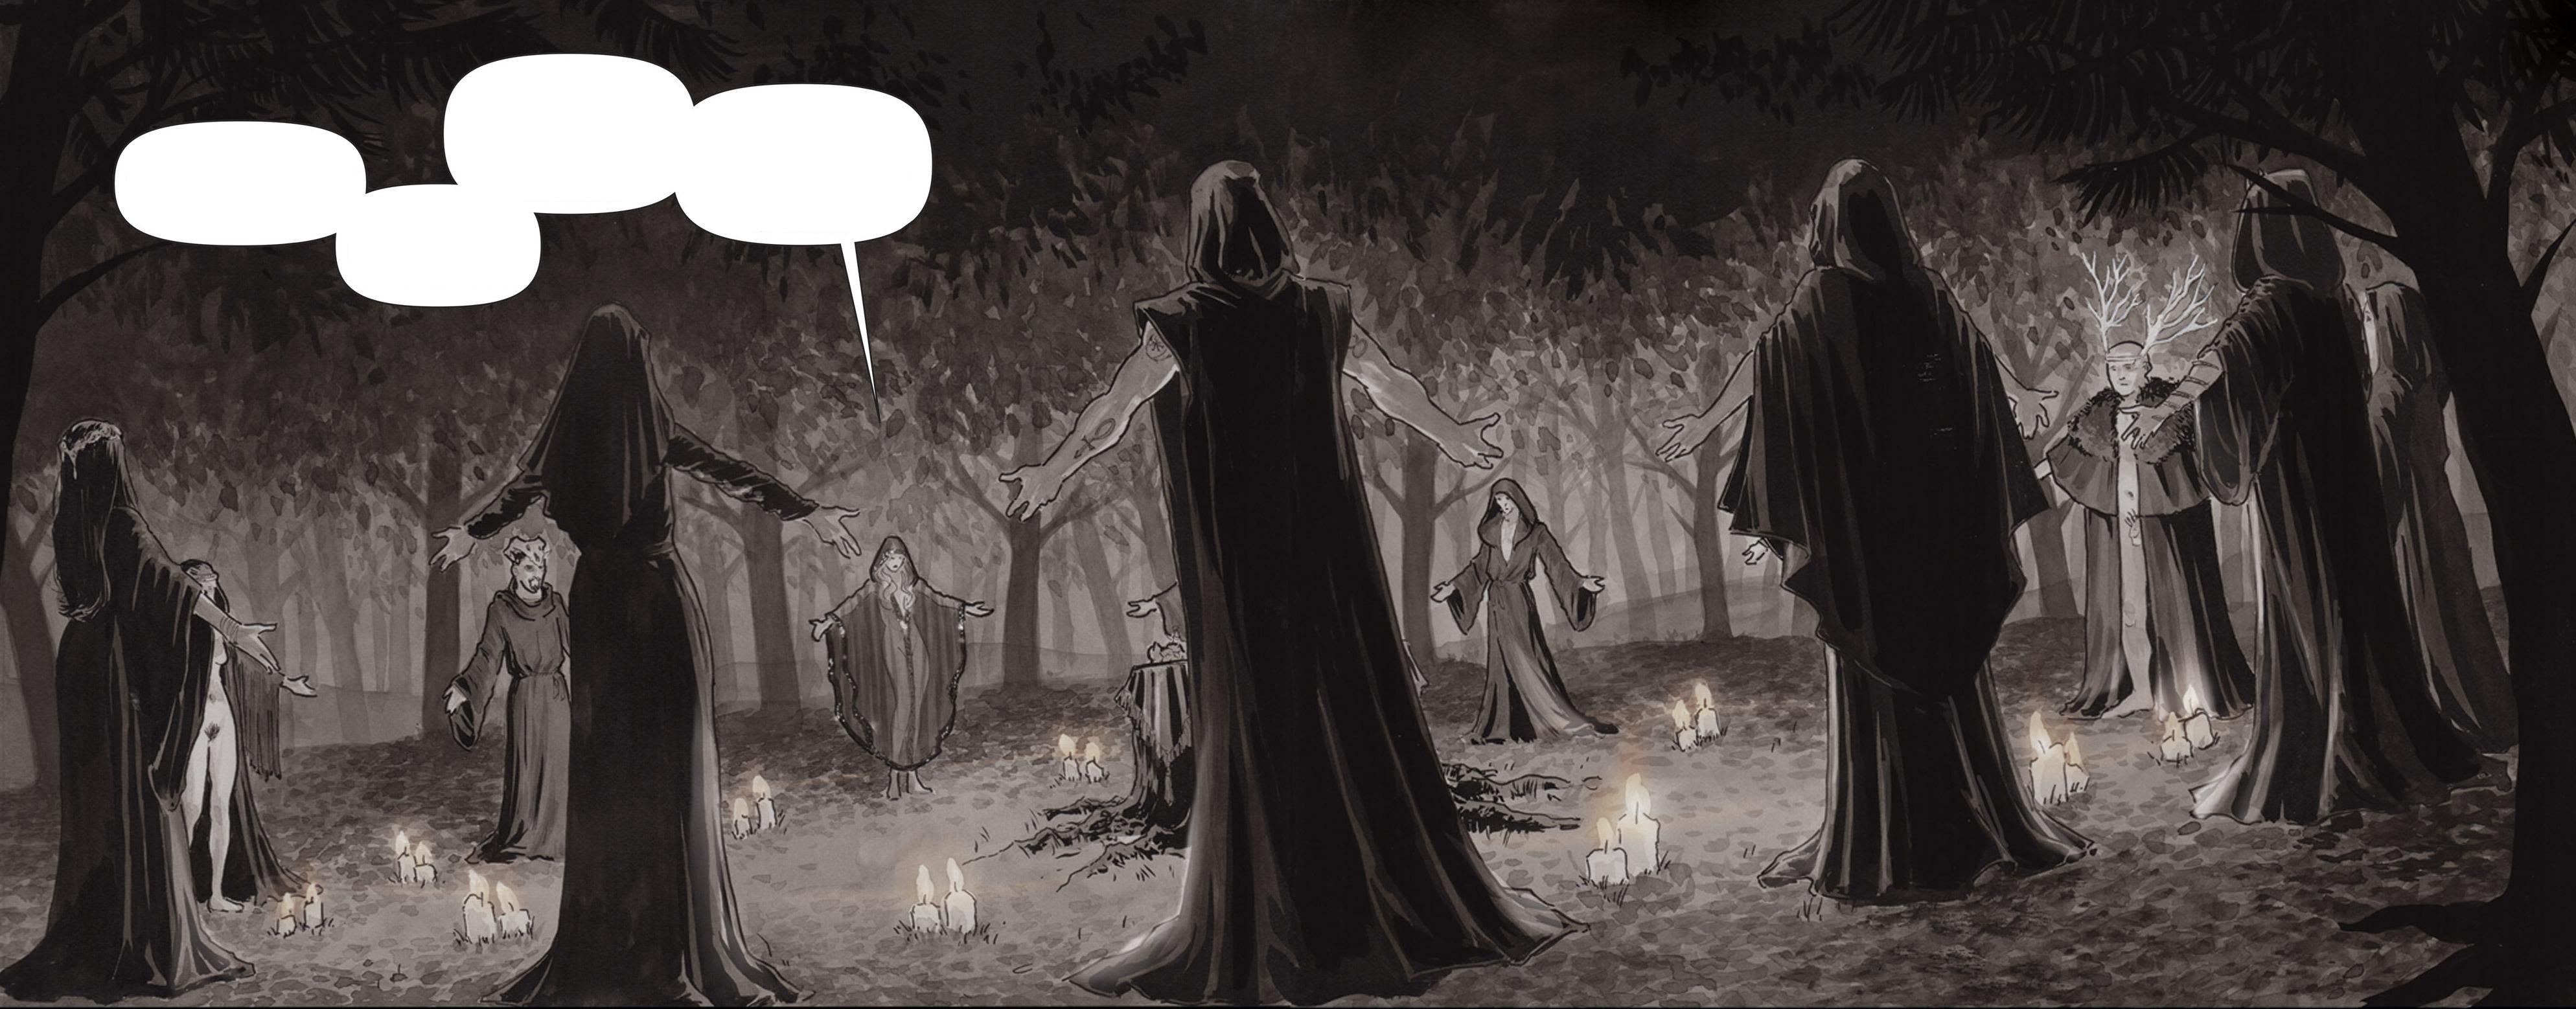 Black Magick 001-003